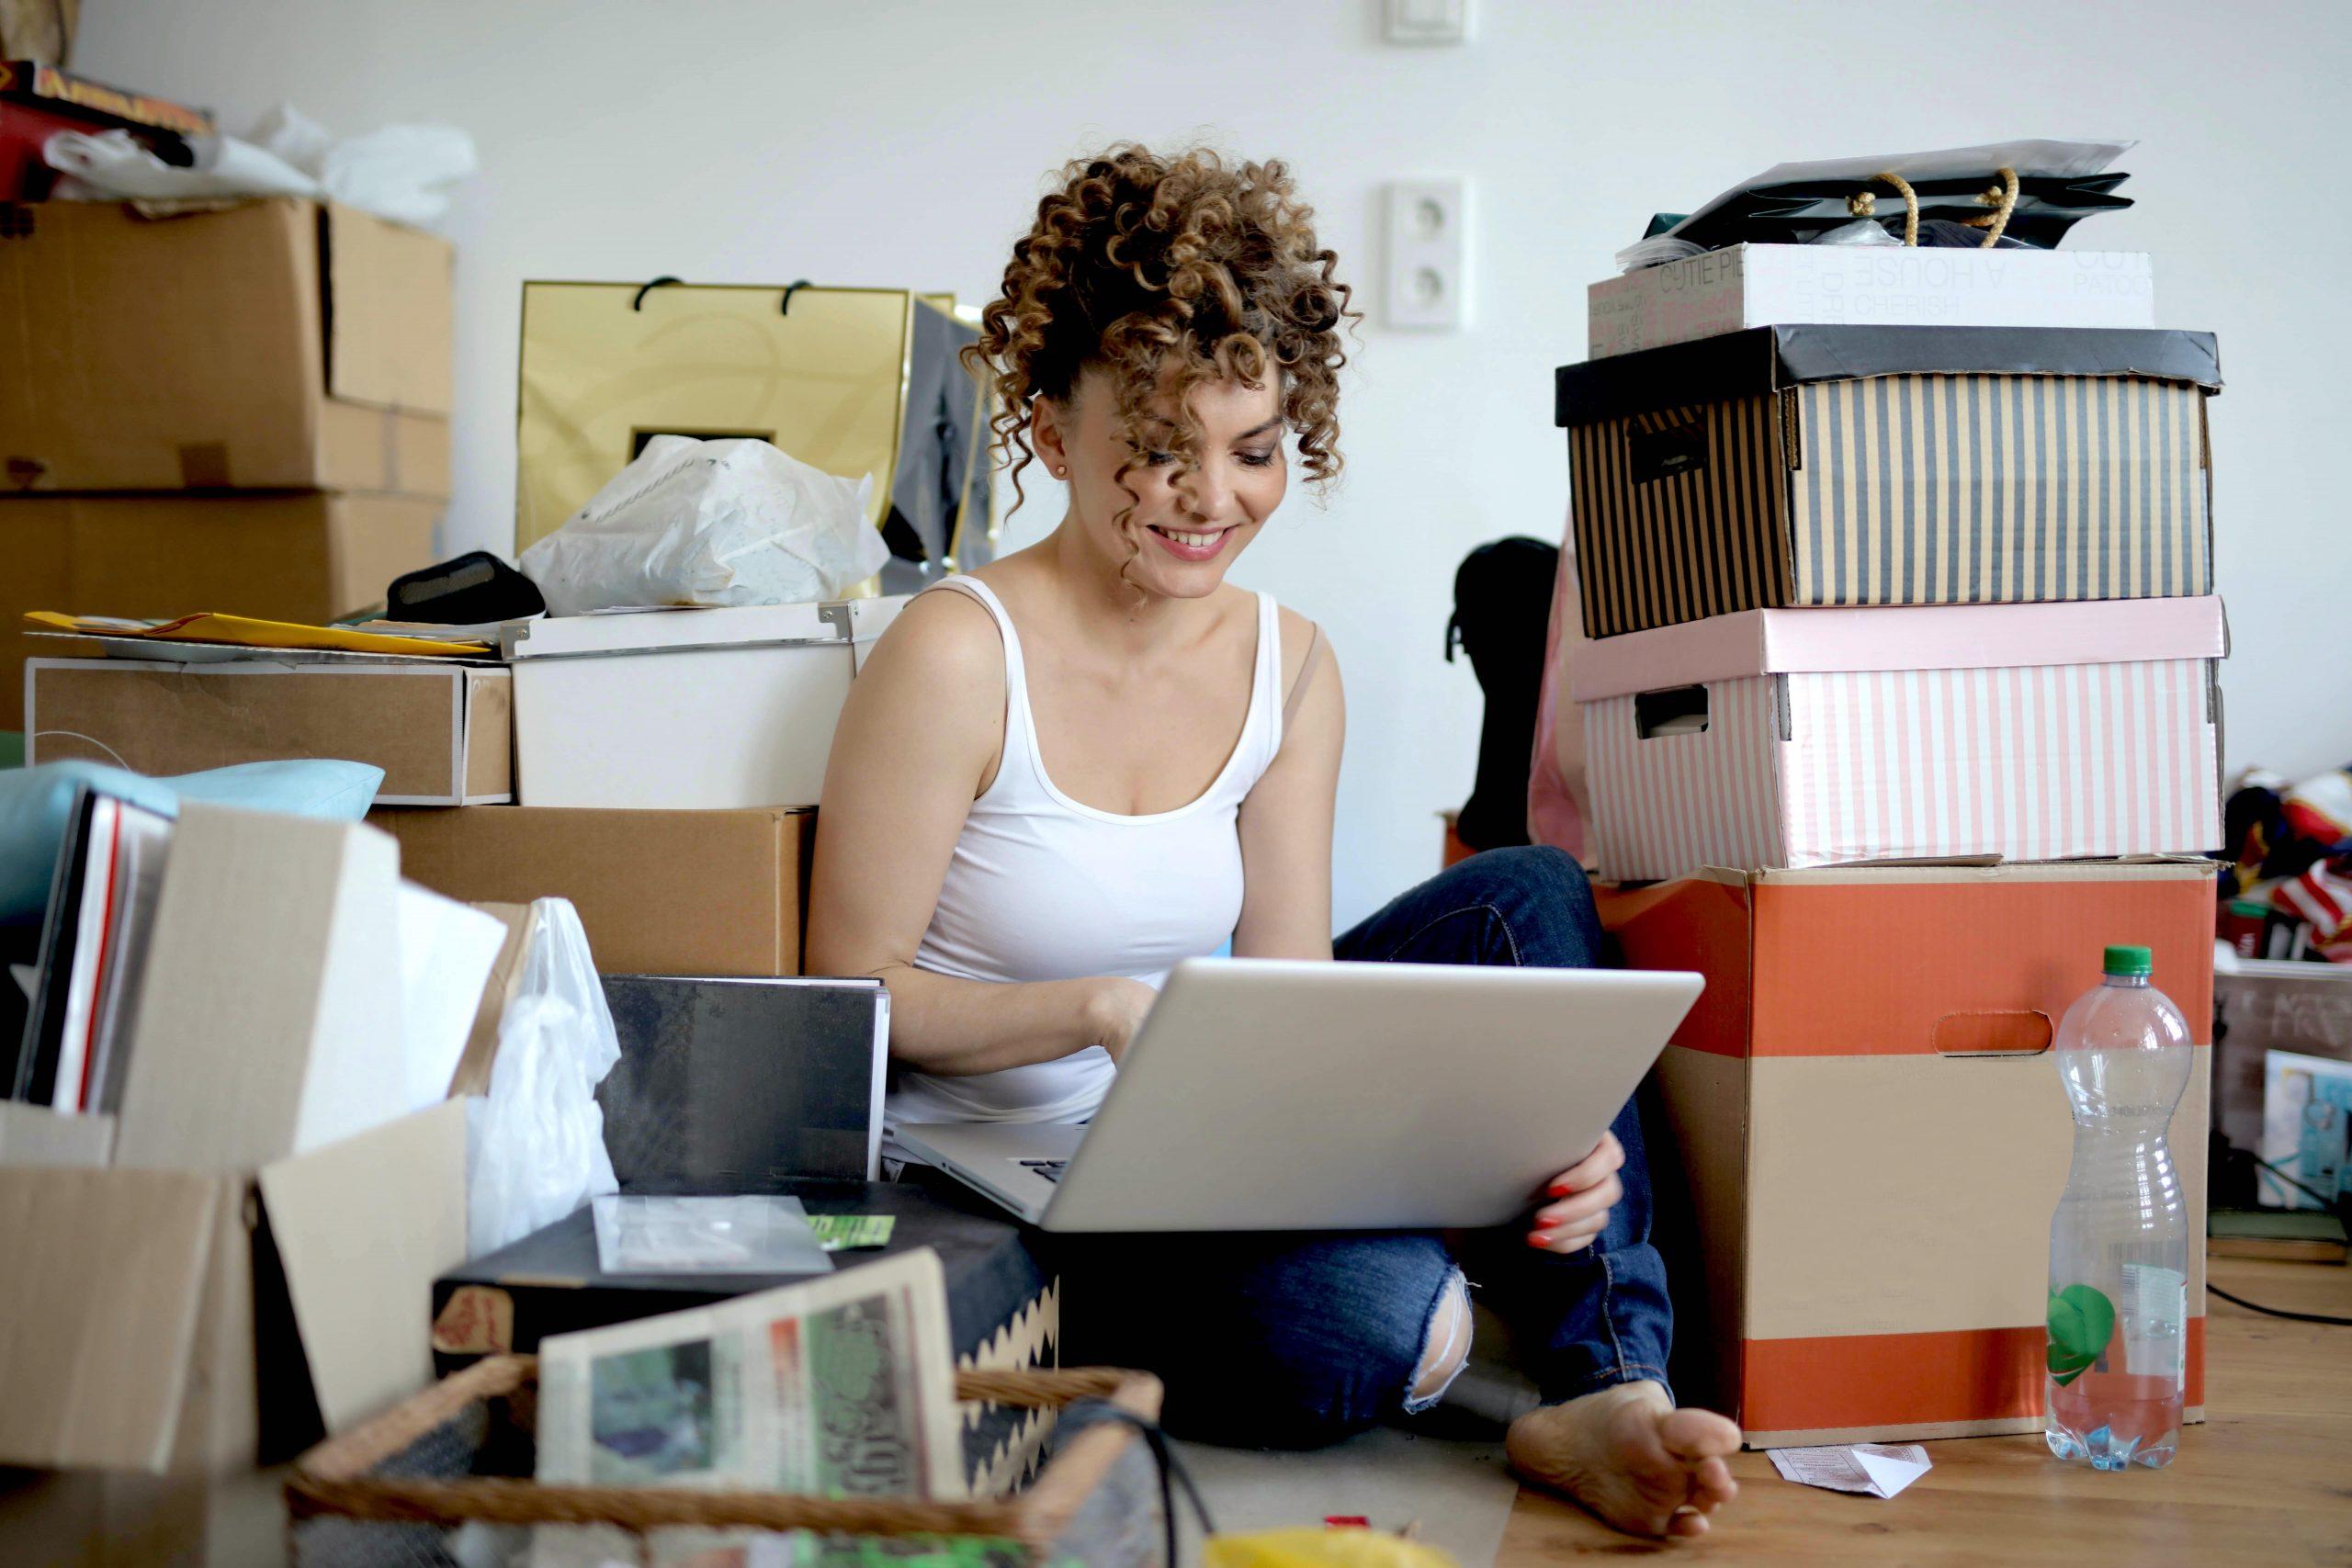 Zelf verhuizen of verhuizing uitbesteden